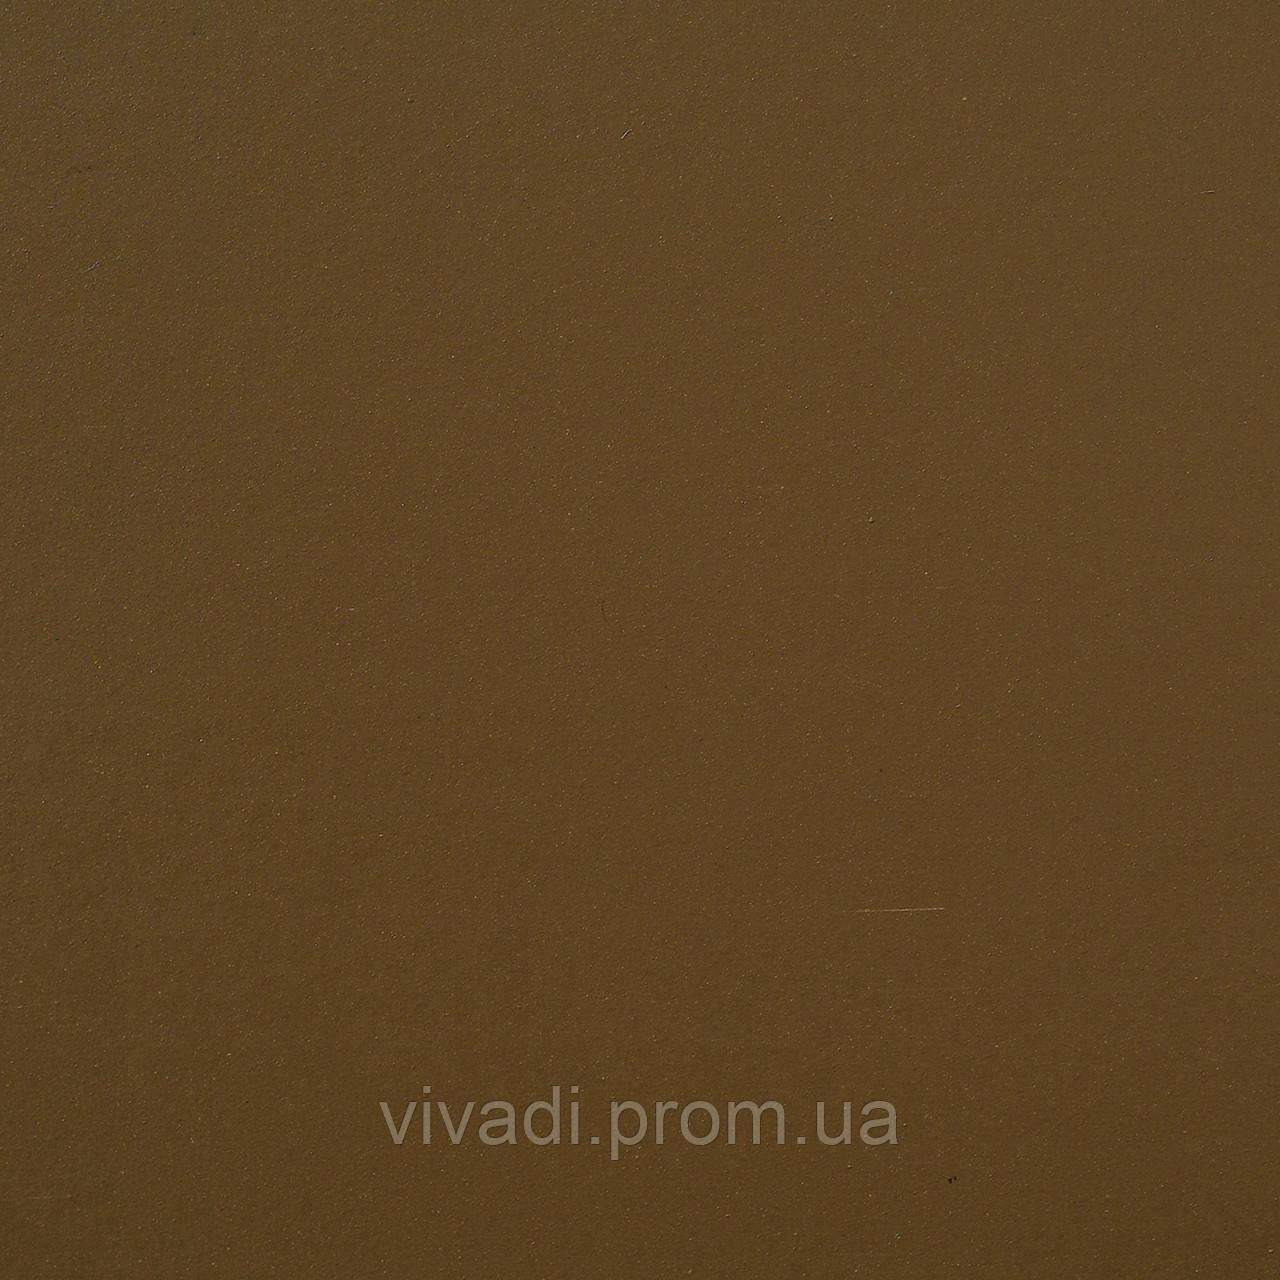 Натуральний лінолеум Uni Walton LPX - колір 101-060